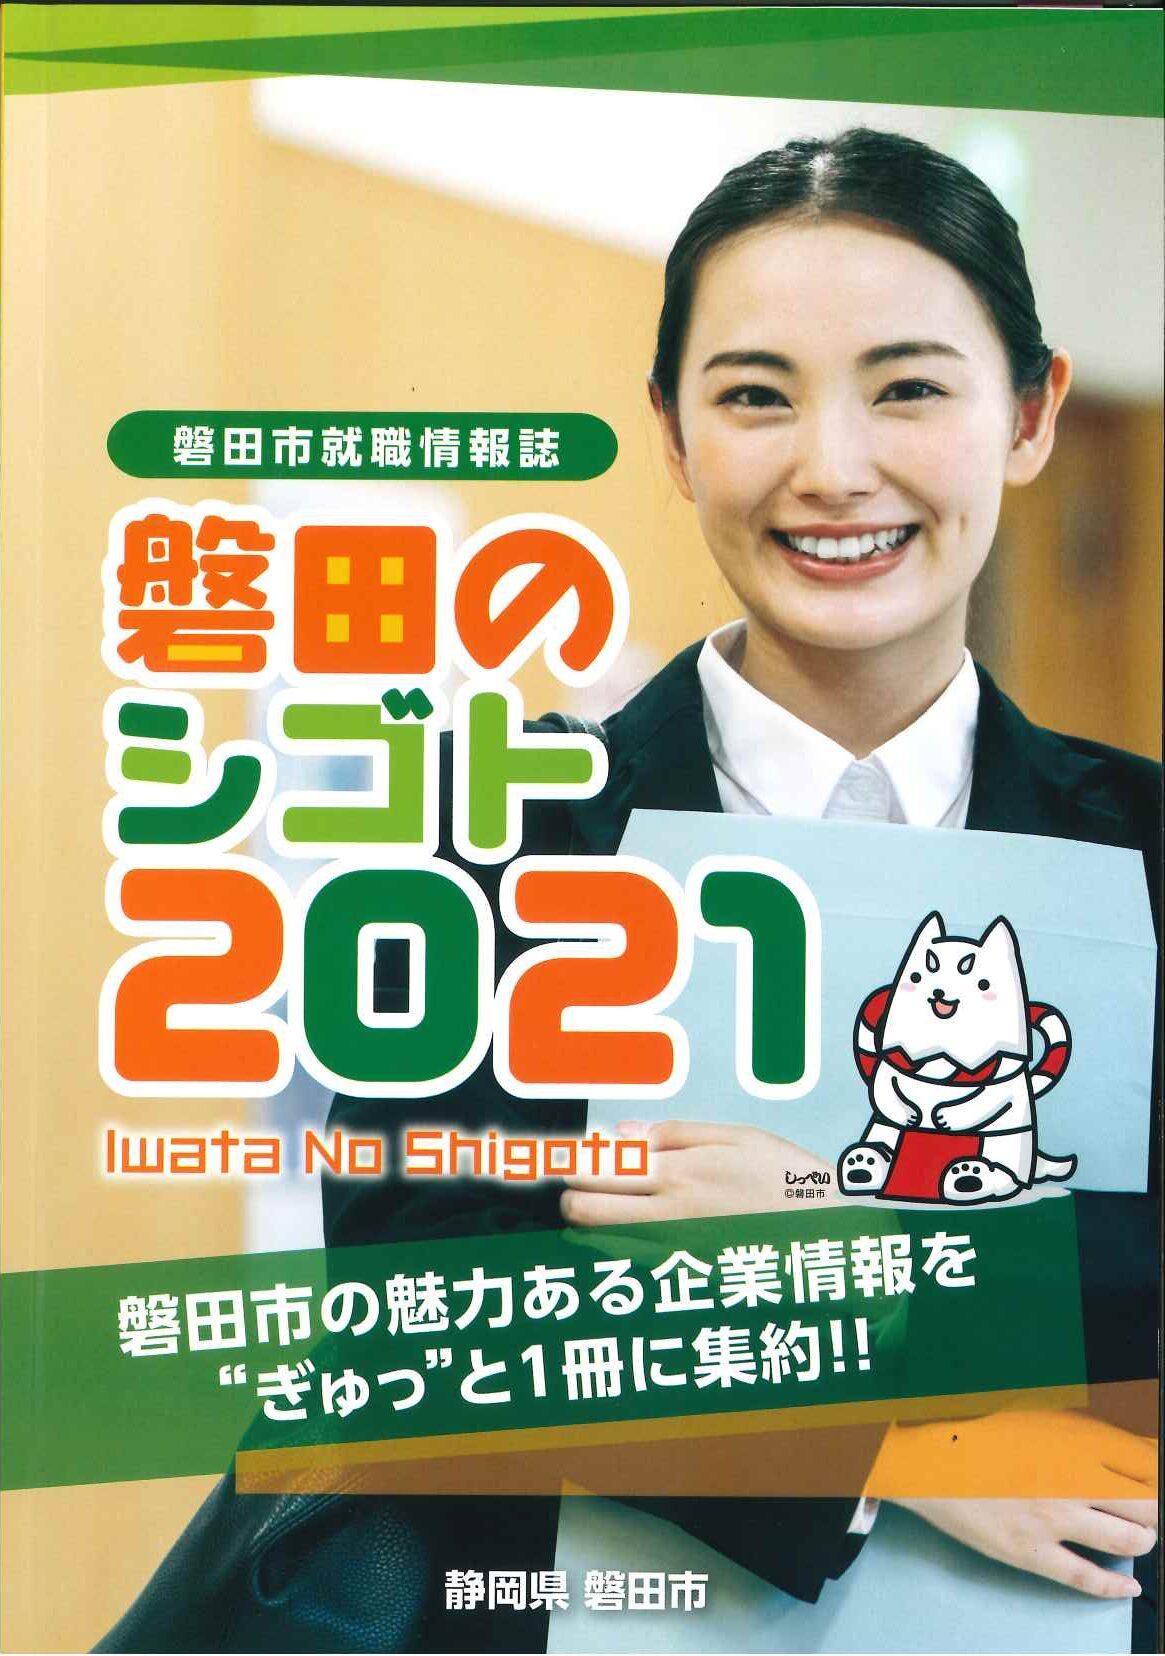 磐田市の就職情報誌に掲載されました